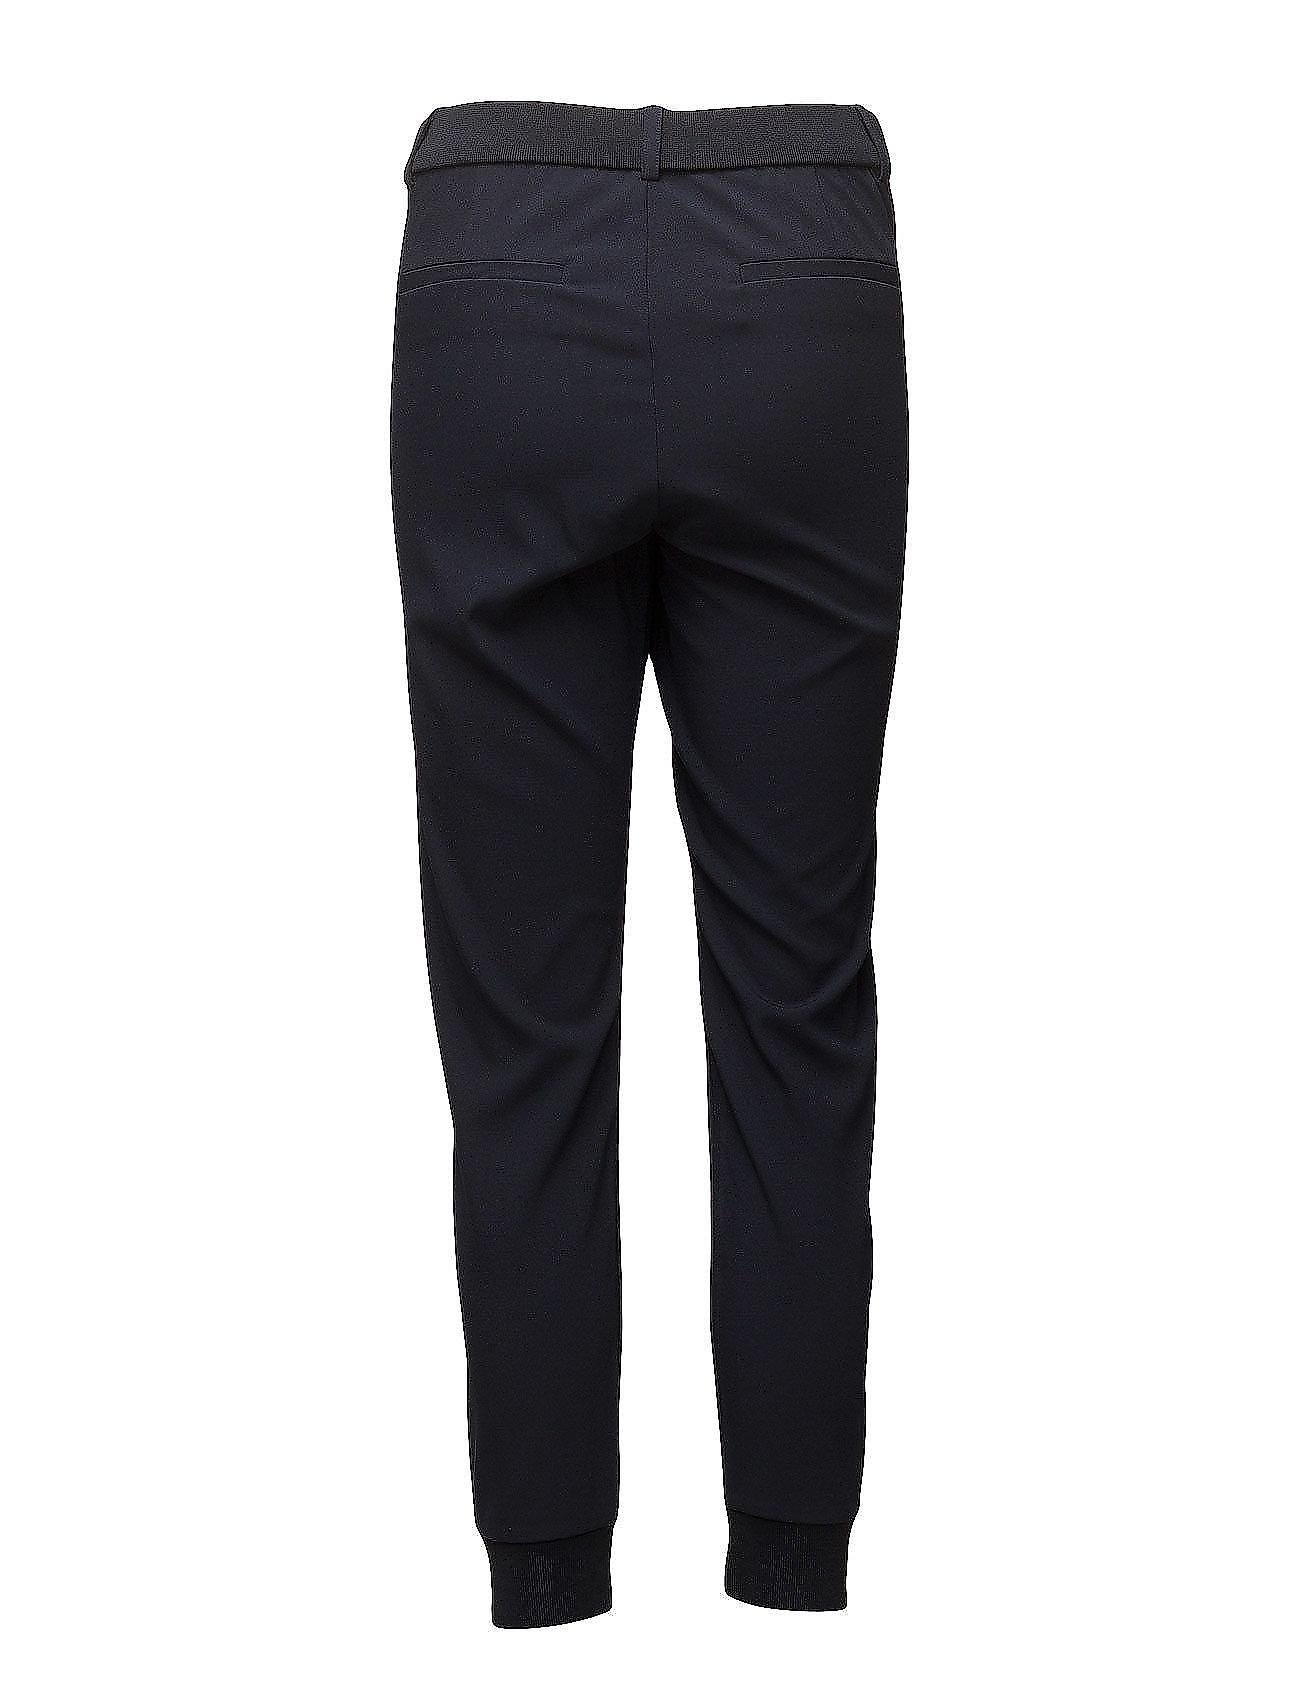 Nica L Pants Bukser Med Lige Ben Sort InWear